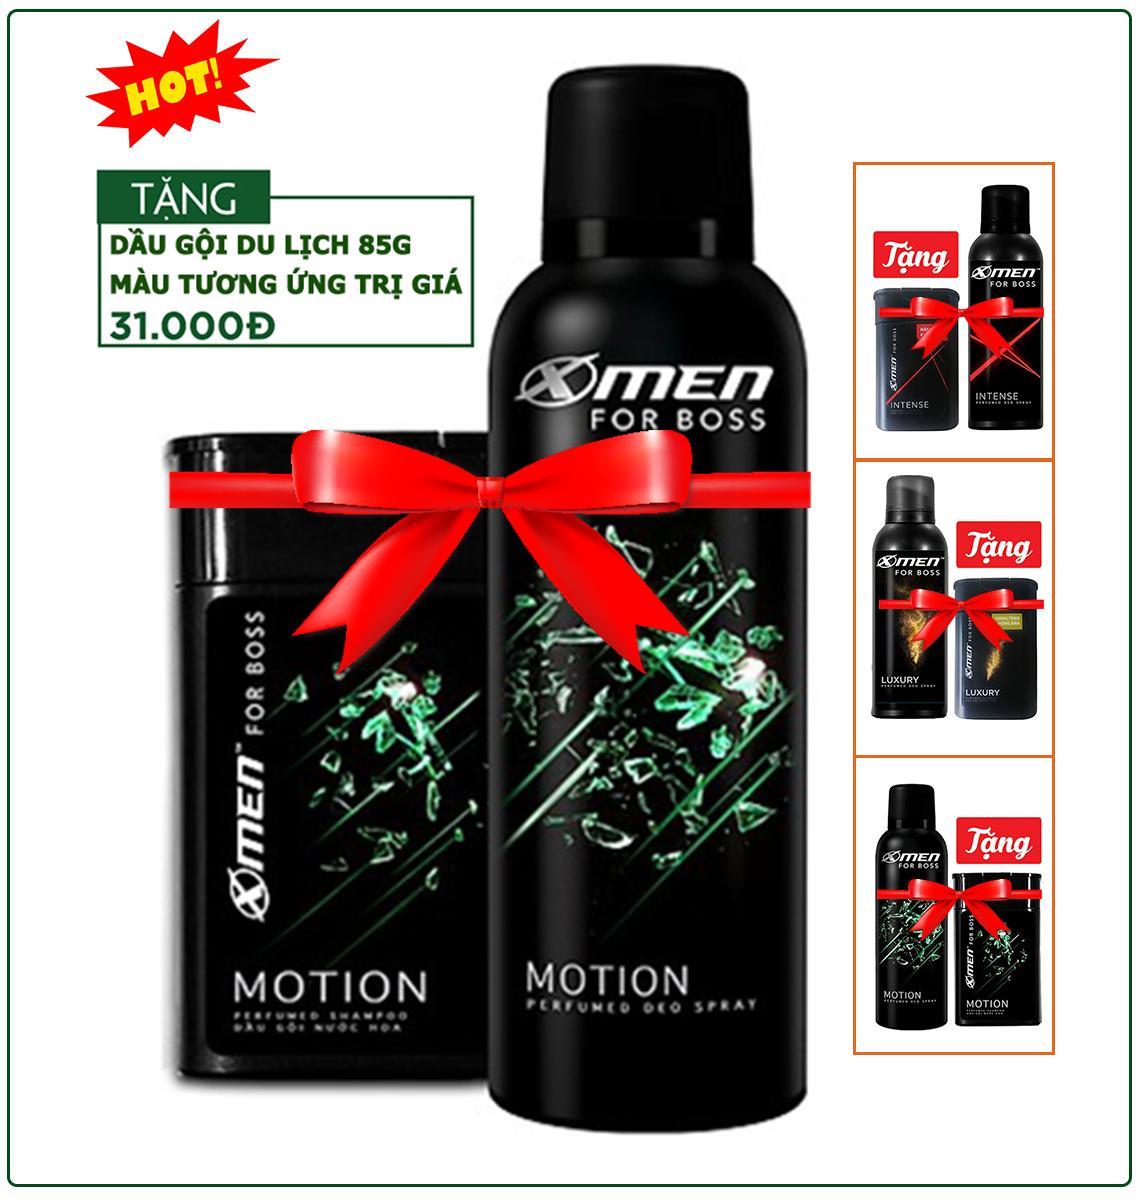 Xịt khử mùi X-Men for Boss Motion/intense/luxury - tặng dầu gội du lịch như hình nhập khẩu